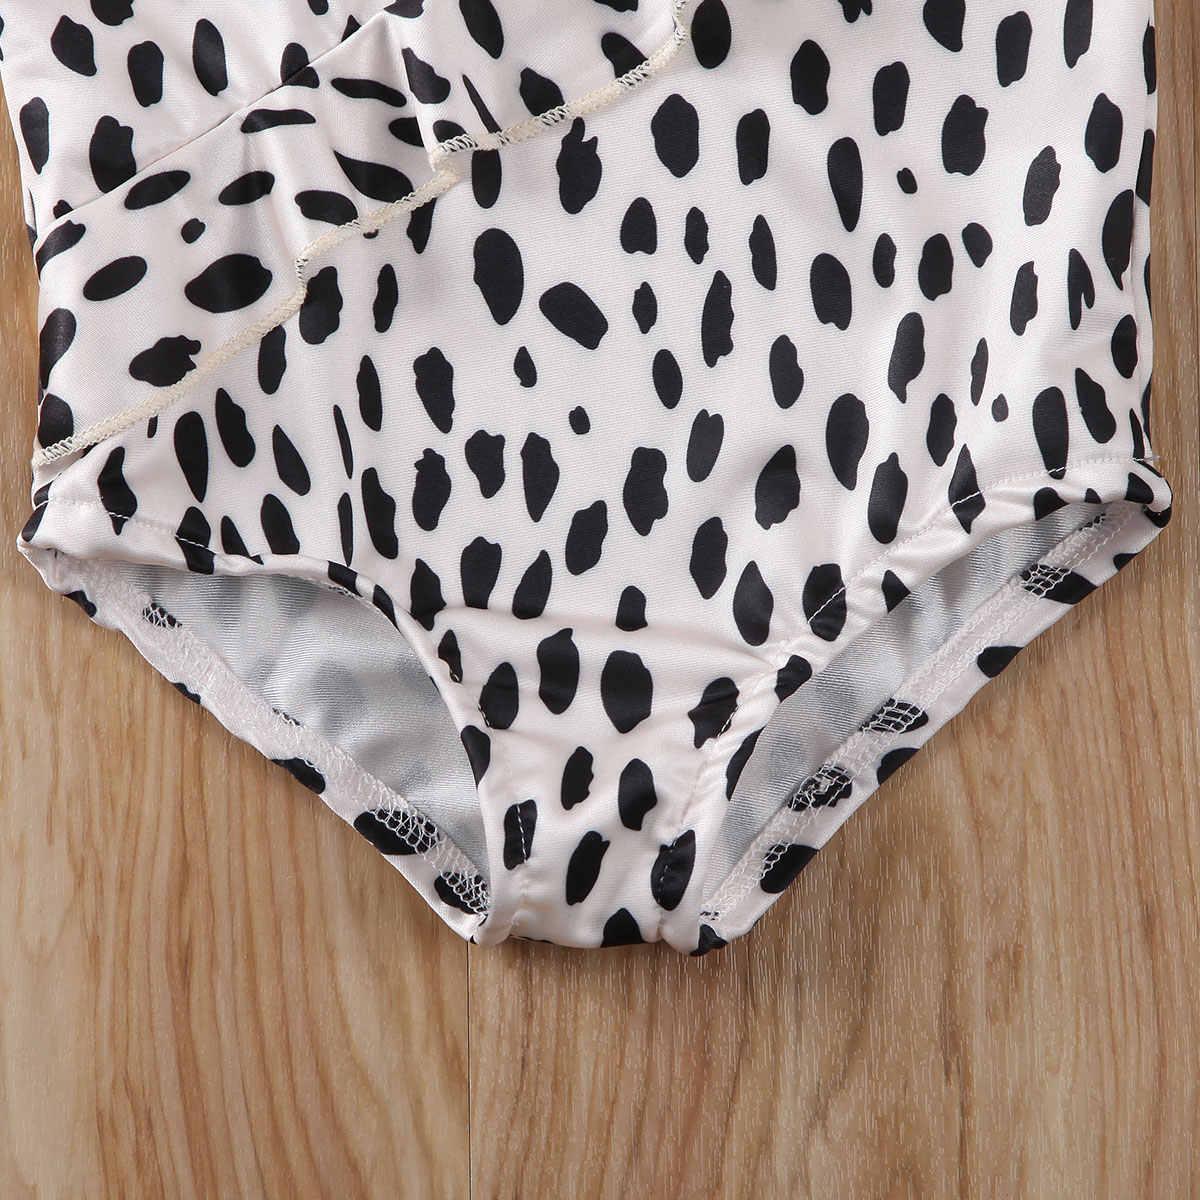 2020 strój kąpielowy na lato dla dzieci dla dzieci dziewczyna strój kąpielowy z nadrukiem w cętki leoparda potargane jednoczęściowy plaża kostium kąpielowy